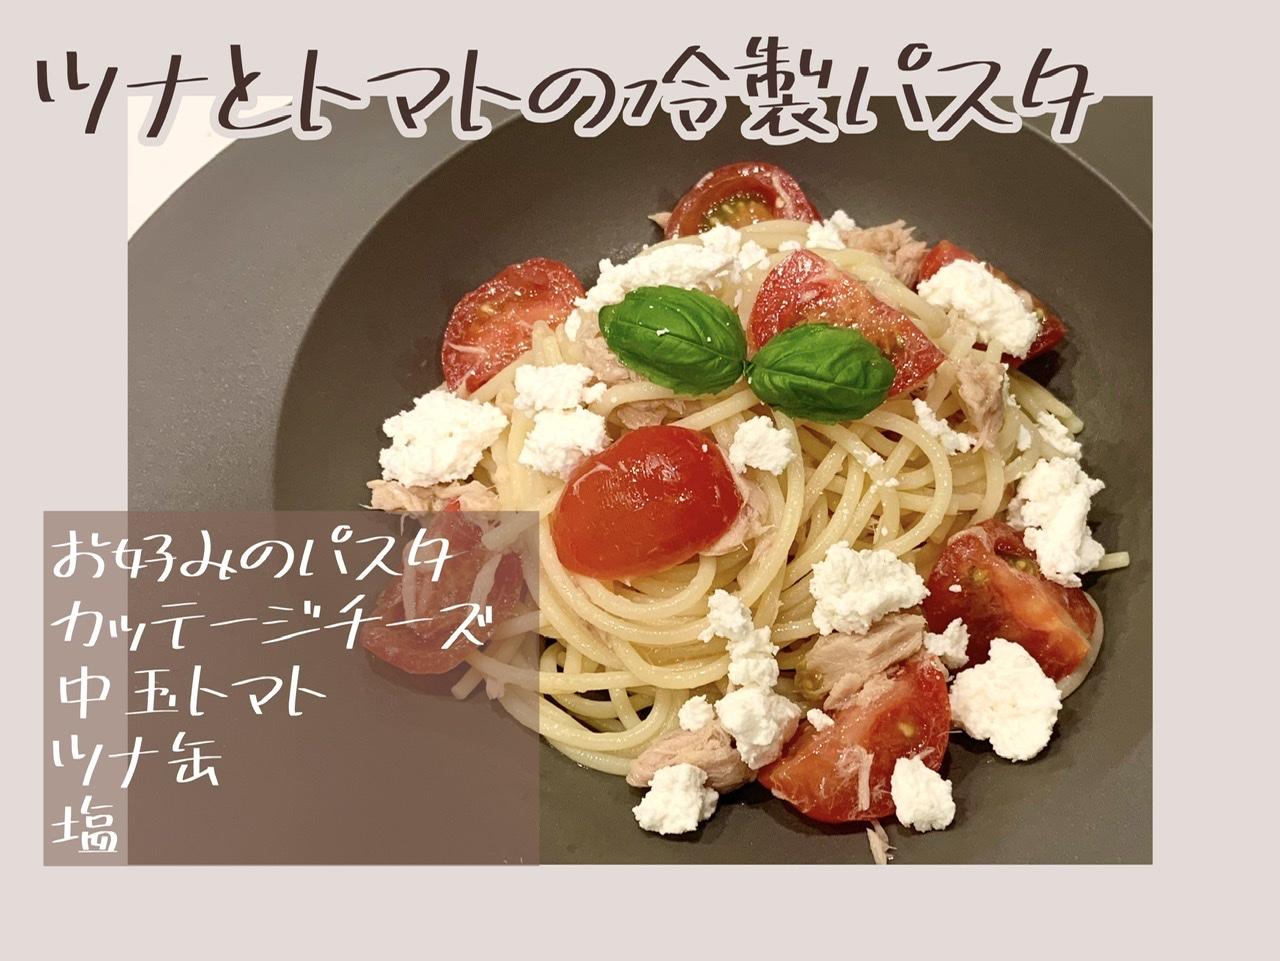 【レシピ】カッテージチーズでオシャレシピ3選_3